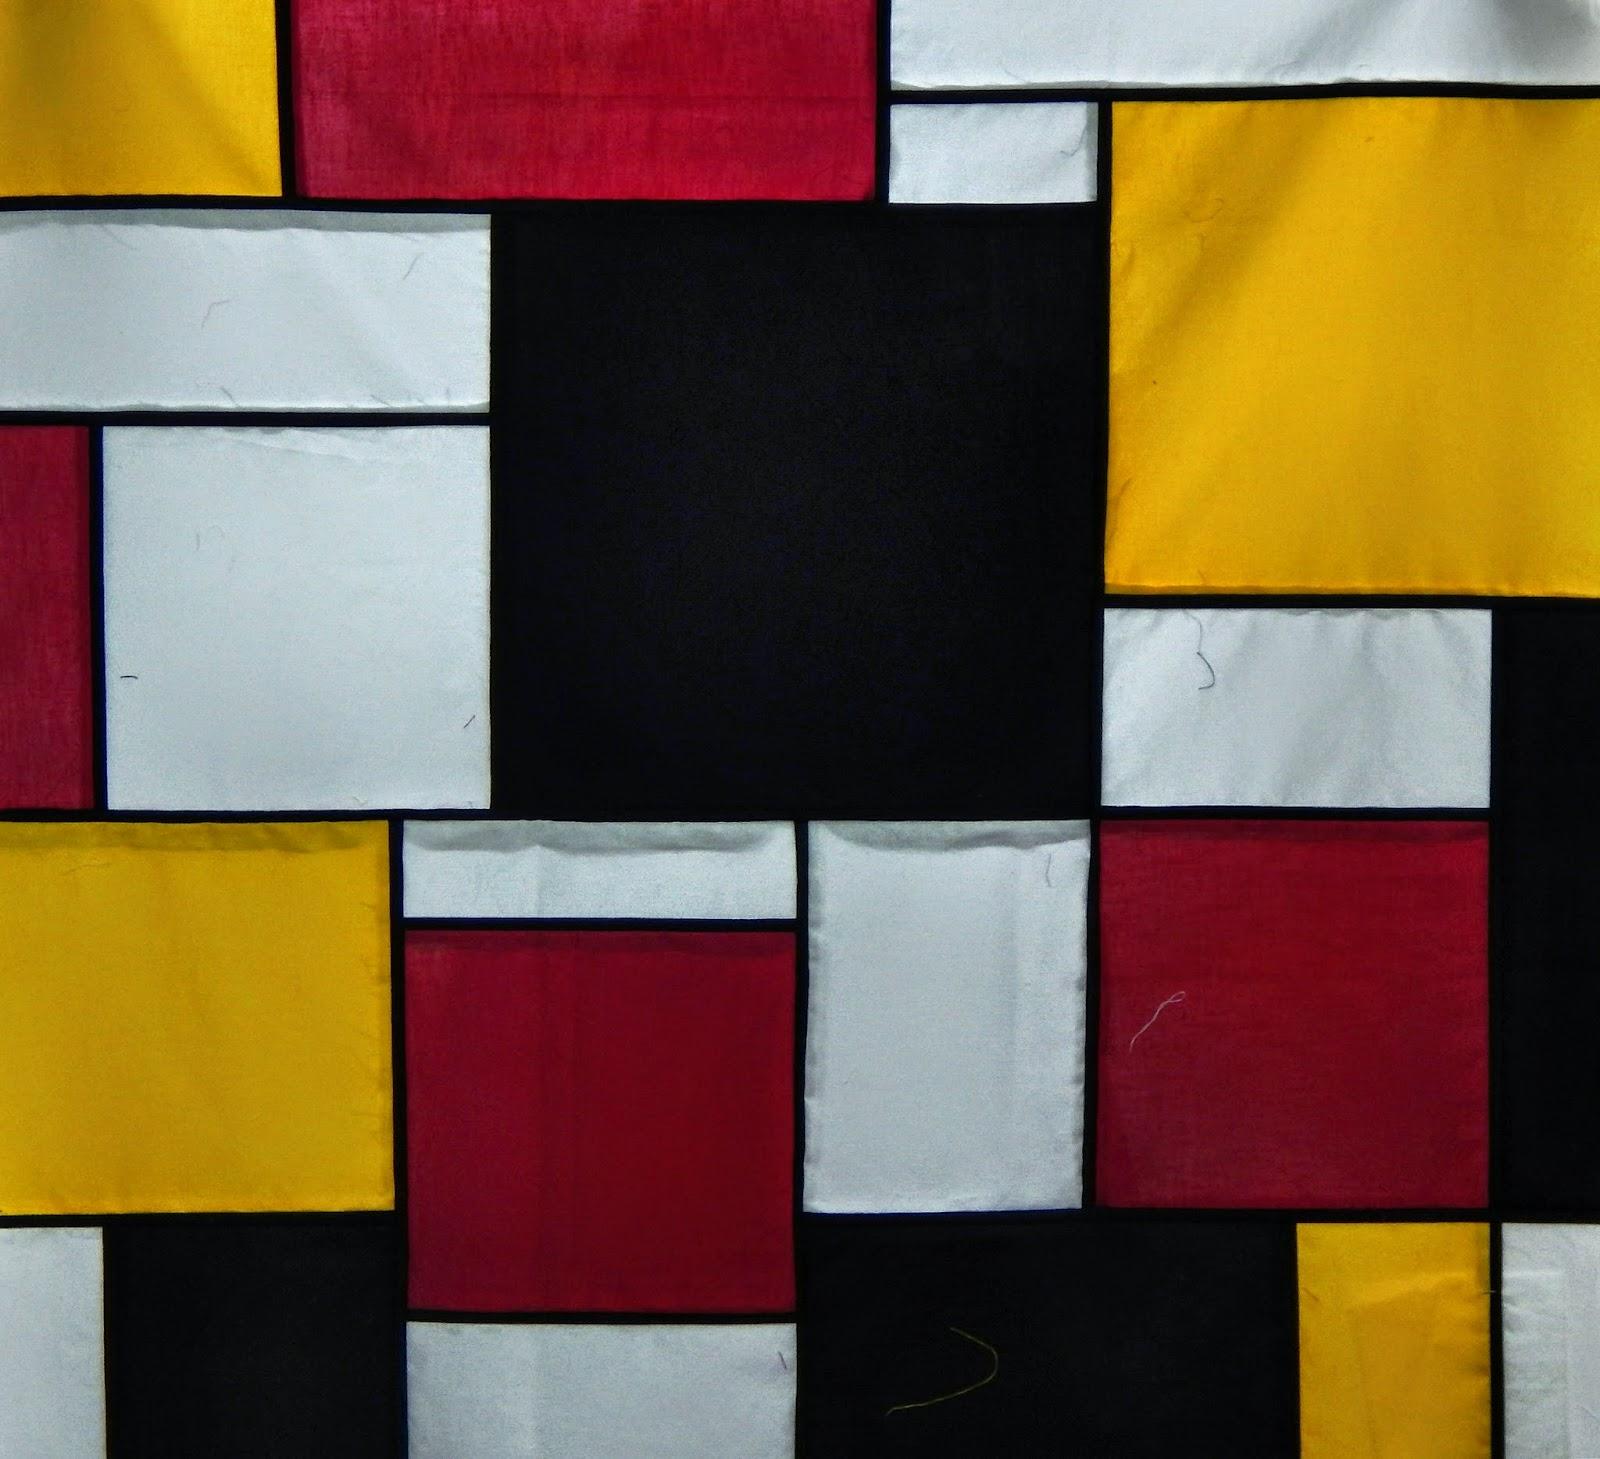 Bauhaus Farben: Modern Quilt Guild Stuttgart: May Meeting